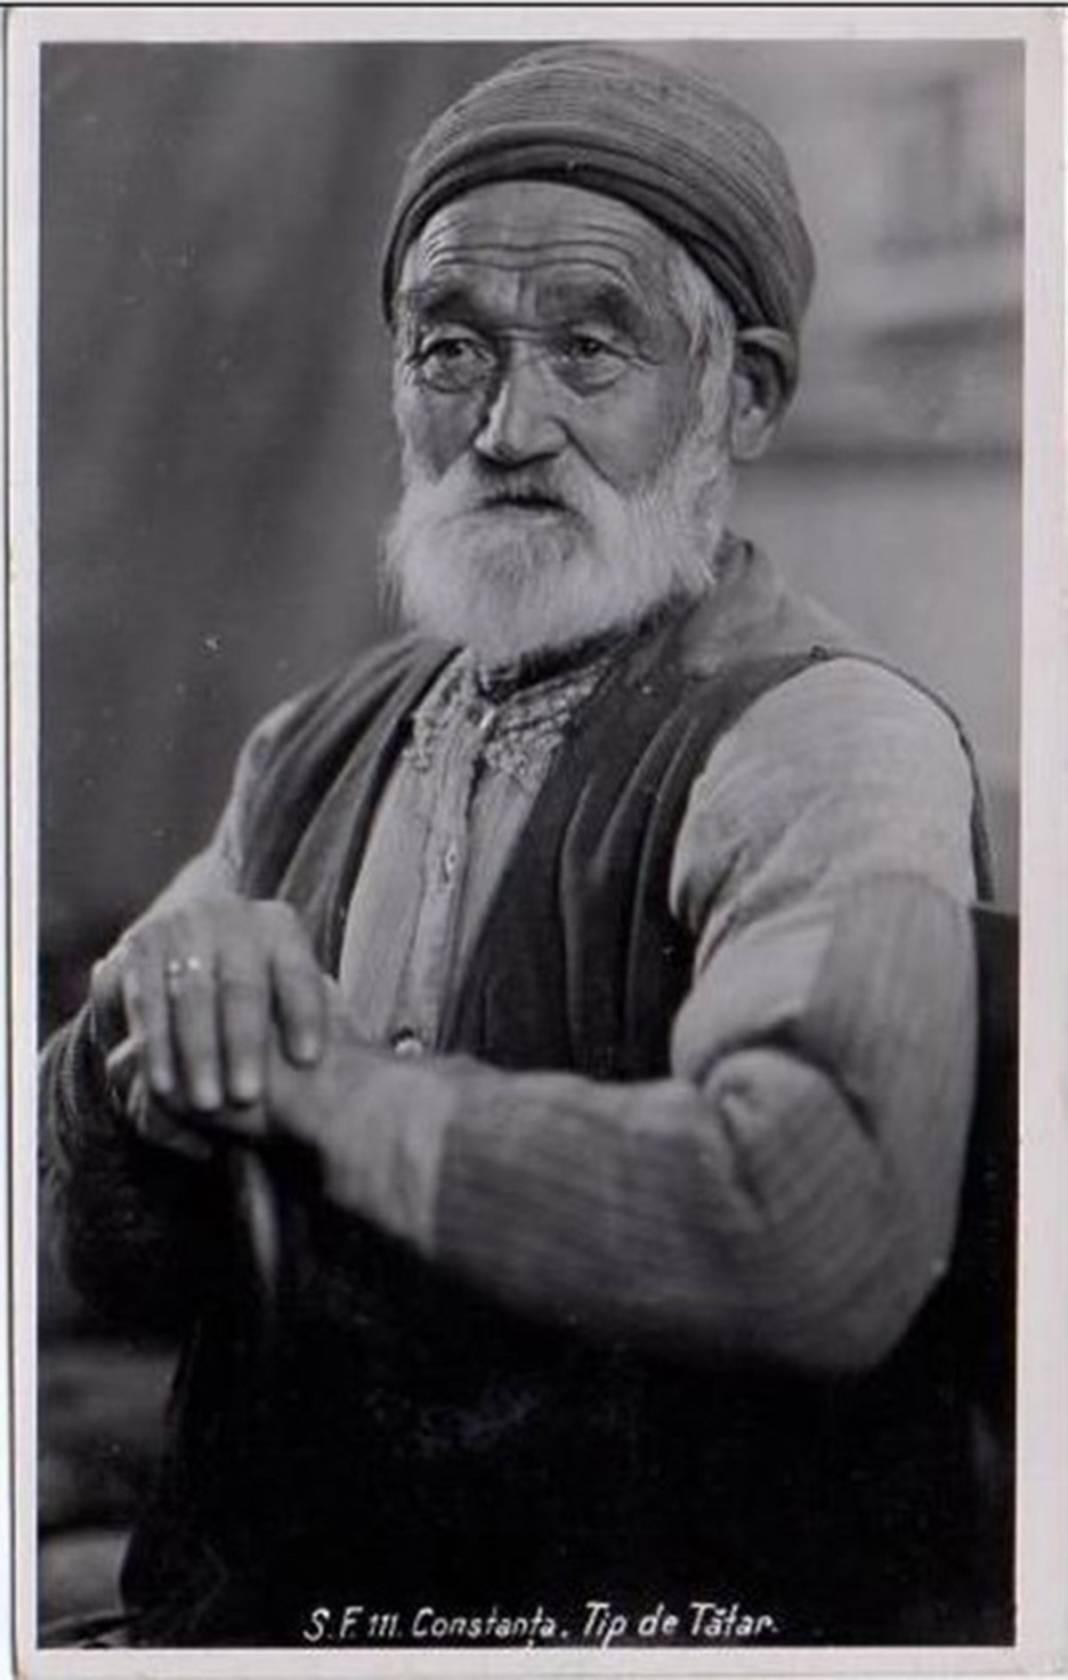 İşte Dobruca'da yaşayan Türklerin tarihine ışık tutacak kareler 20